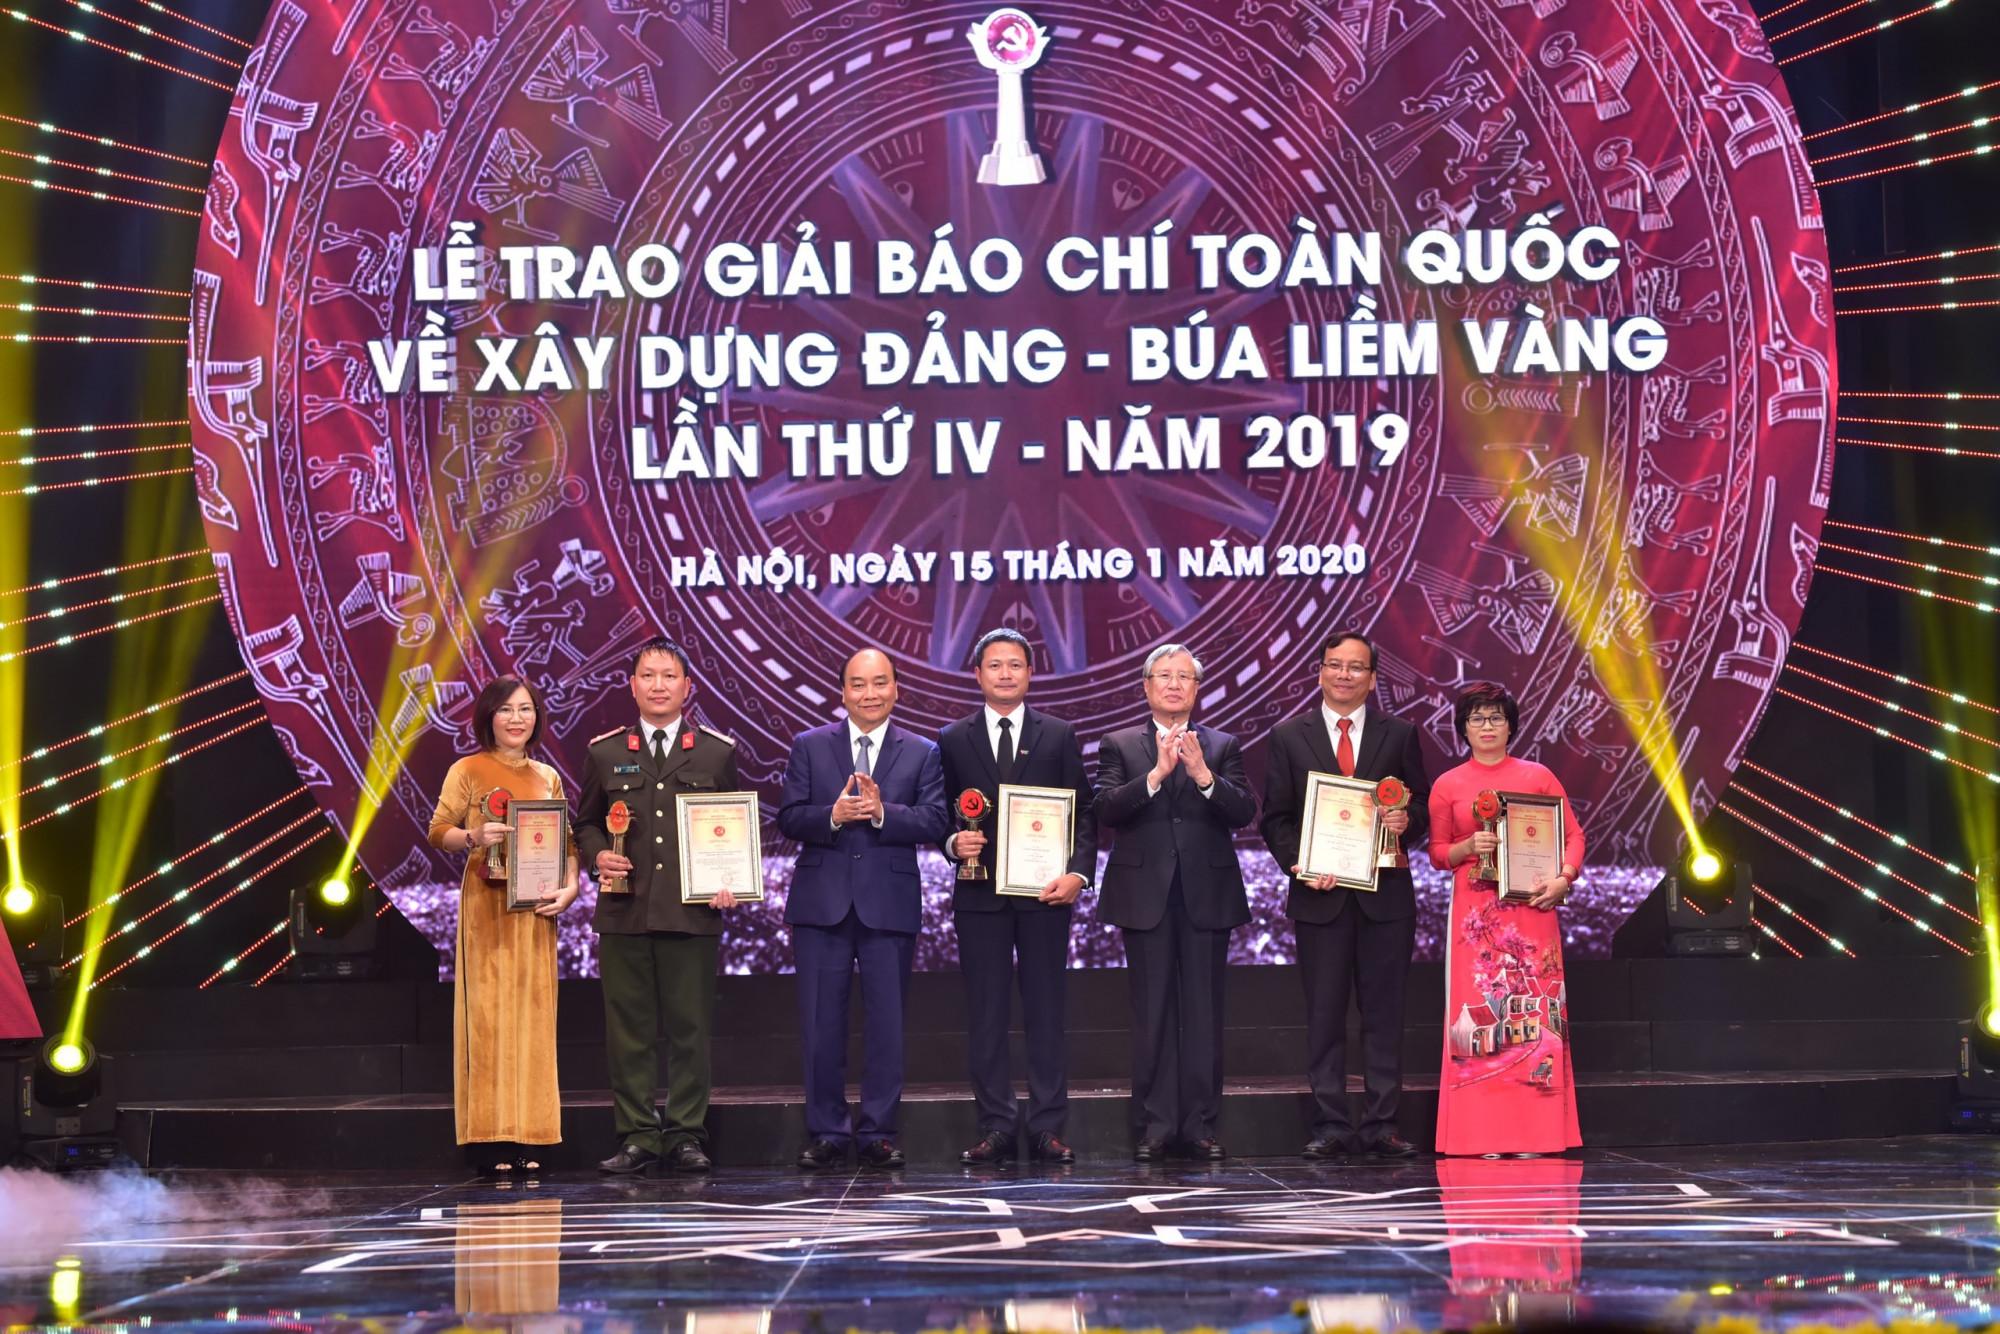 Thủ tướng Nguyễn Xuân Phúc, Thường trực Ban Bí thư Trần Quốc Vượng cùng các tác giả đoạt giải A. Ảnh: VGP